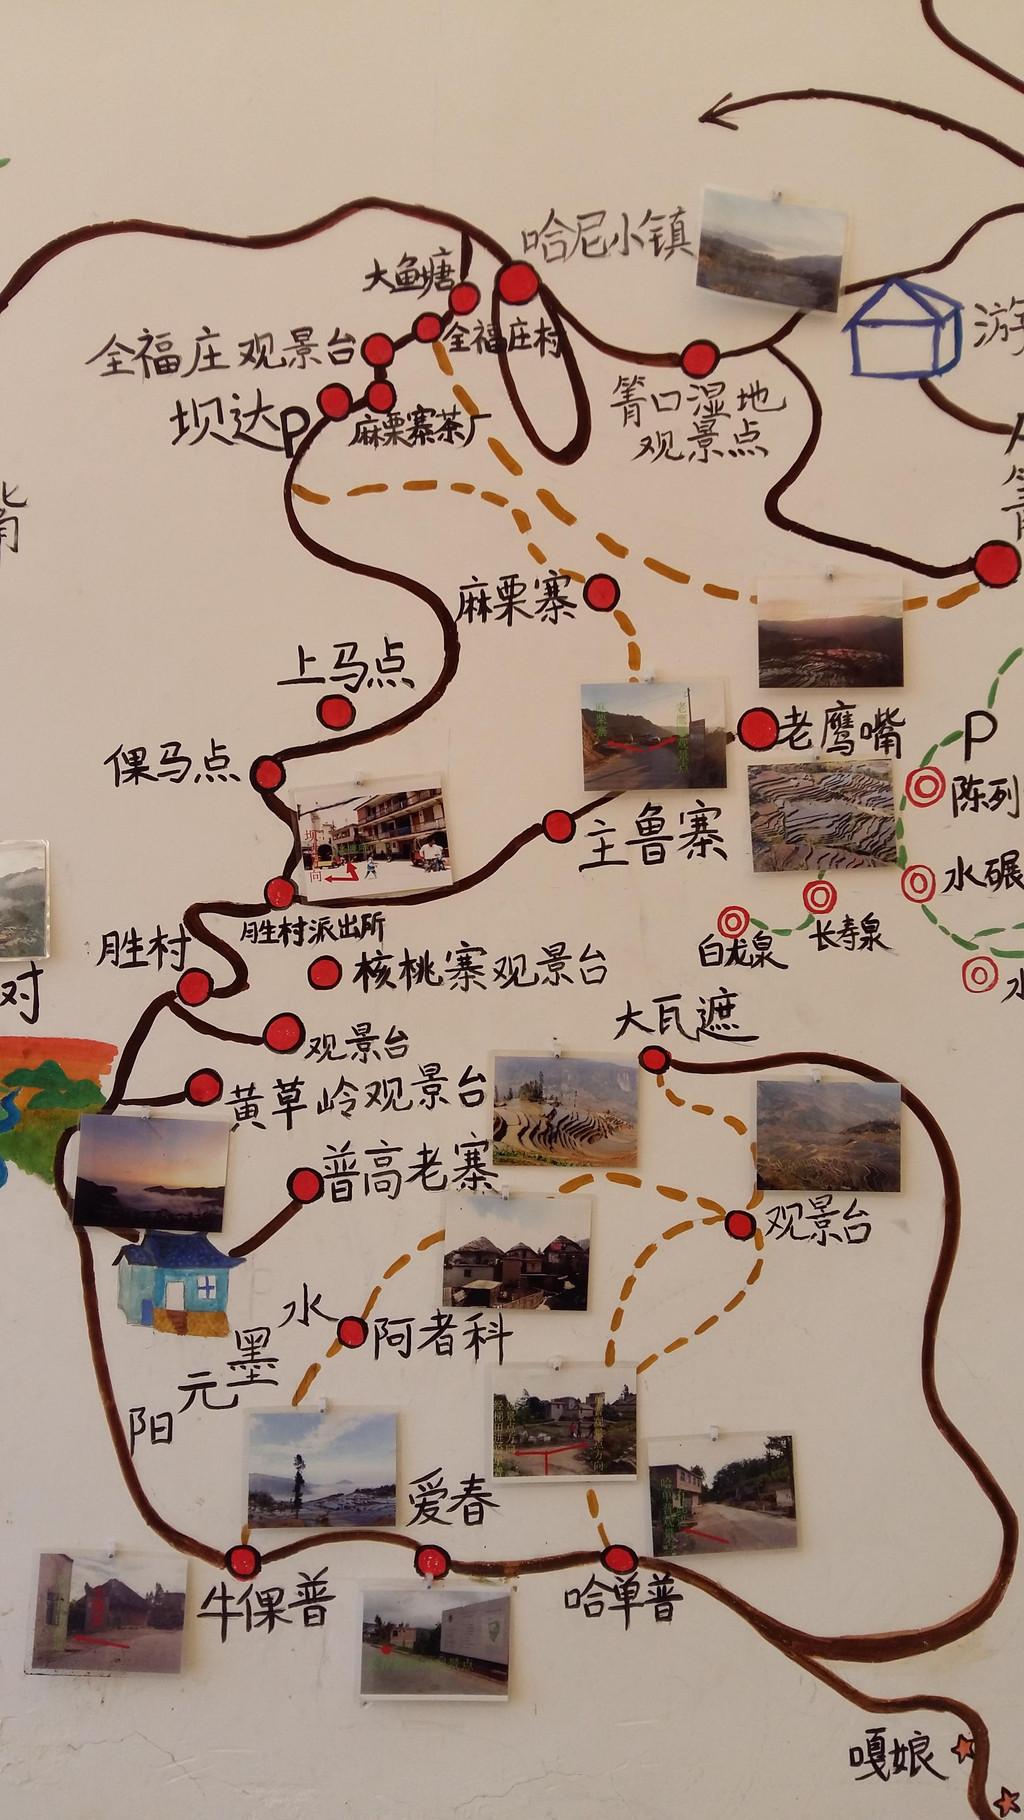 所住客棧老板手繪游覽地圖